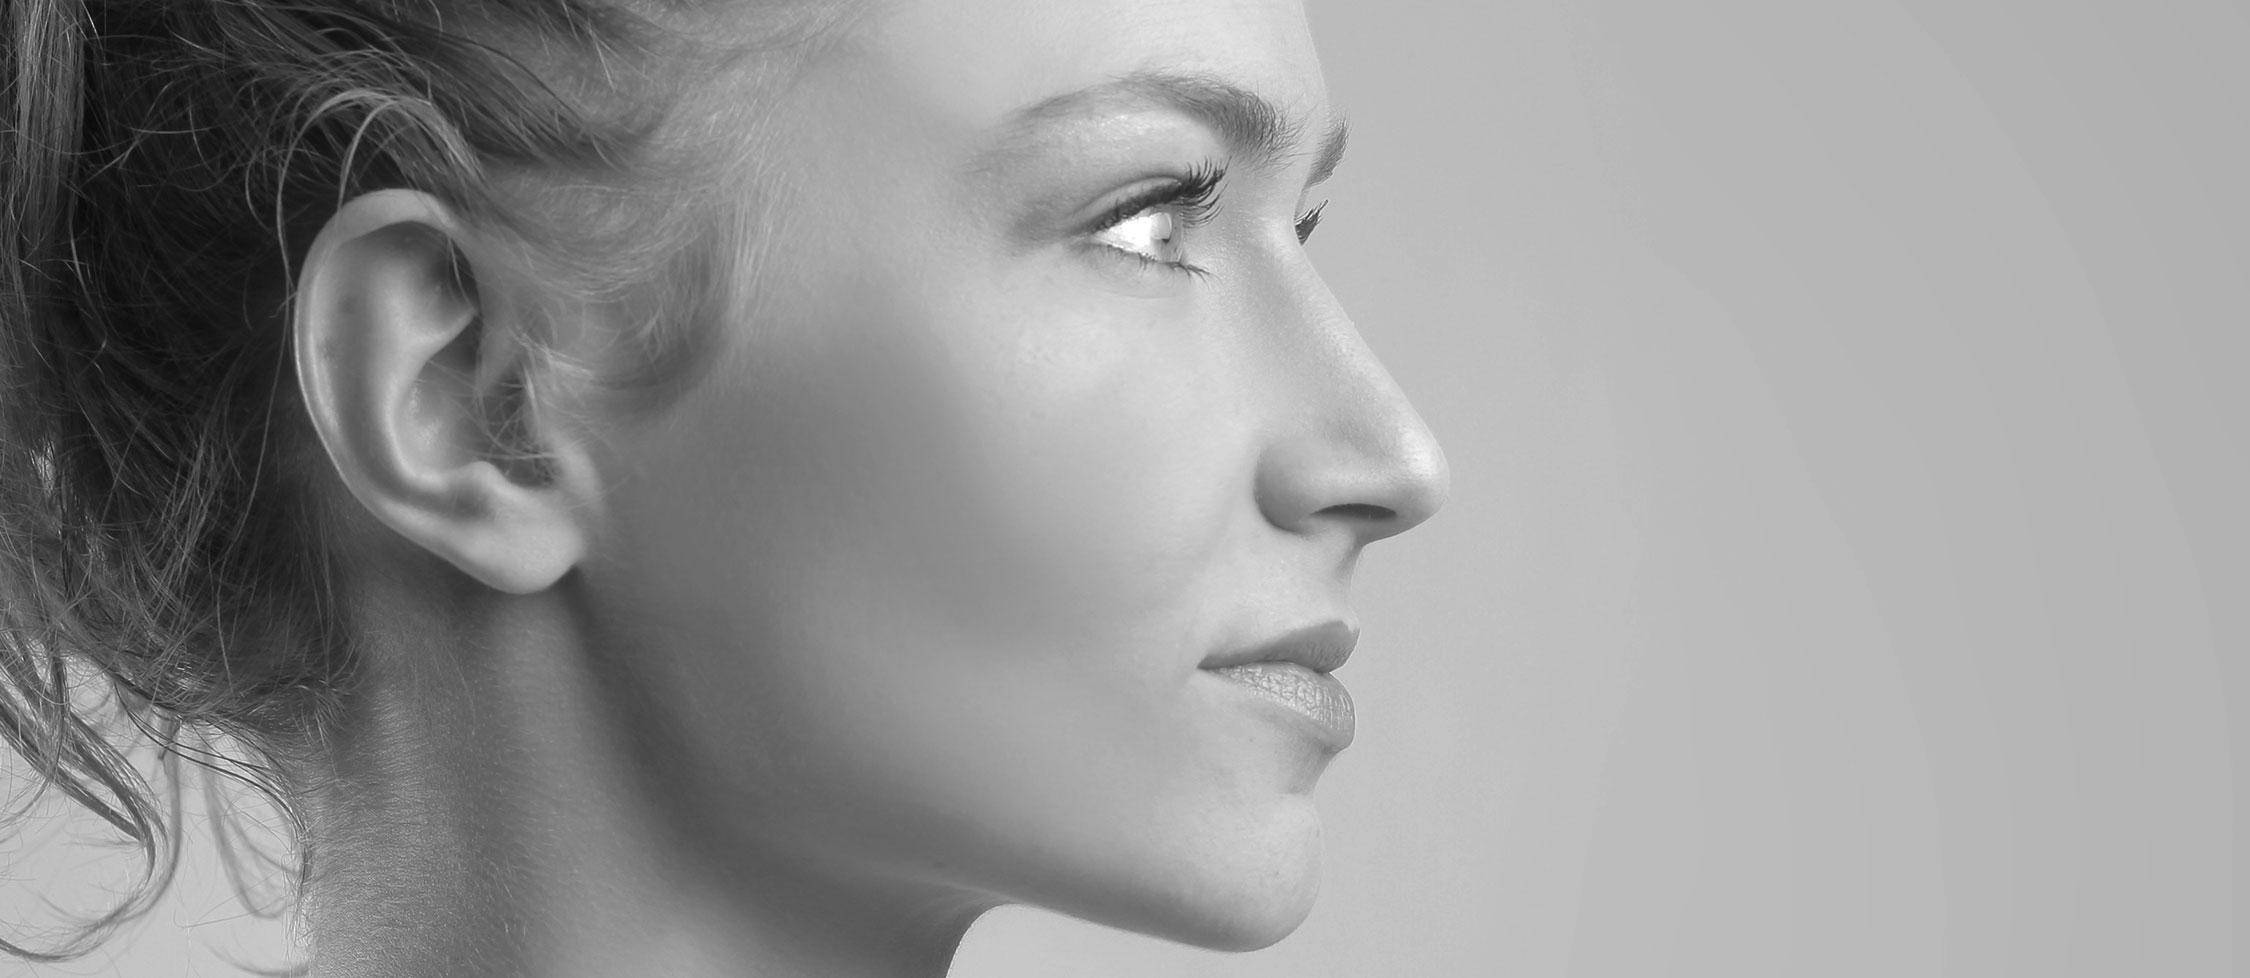 Malformation des oreilles à Lyon - chirurgie réparatrice | Dr Durbec